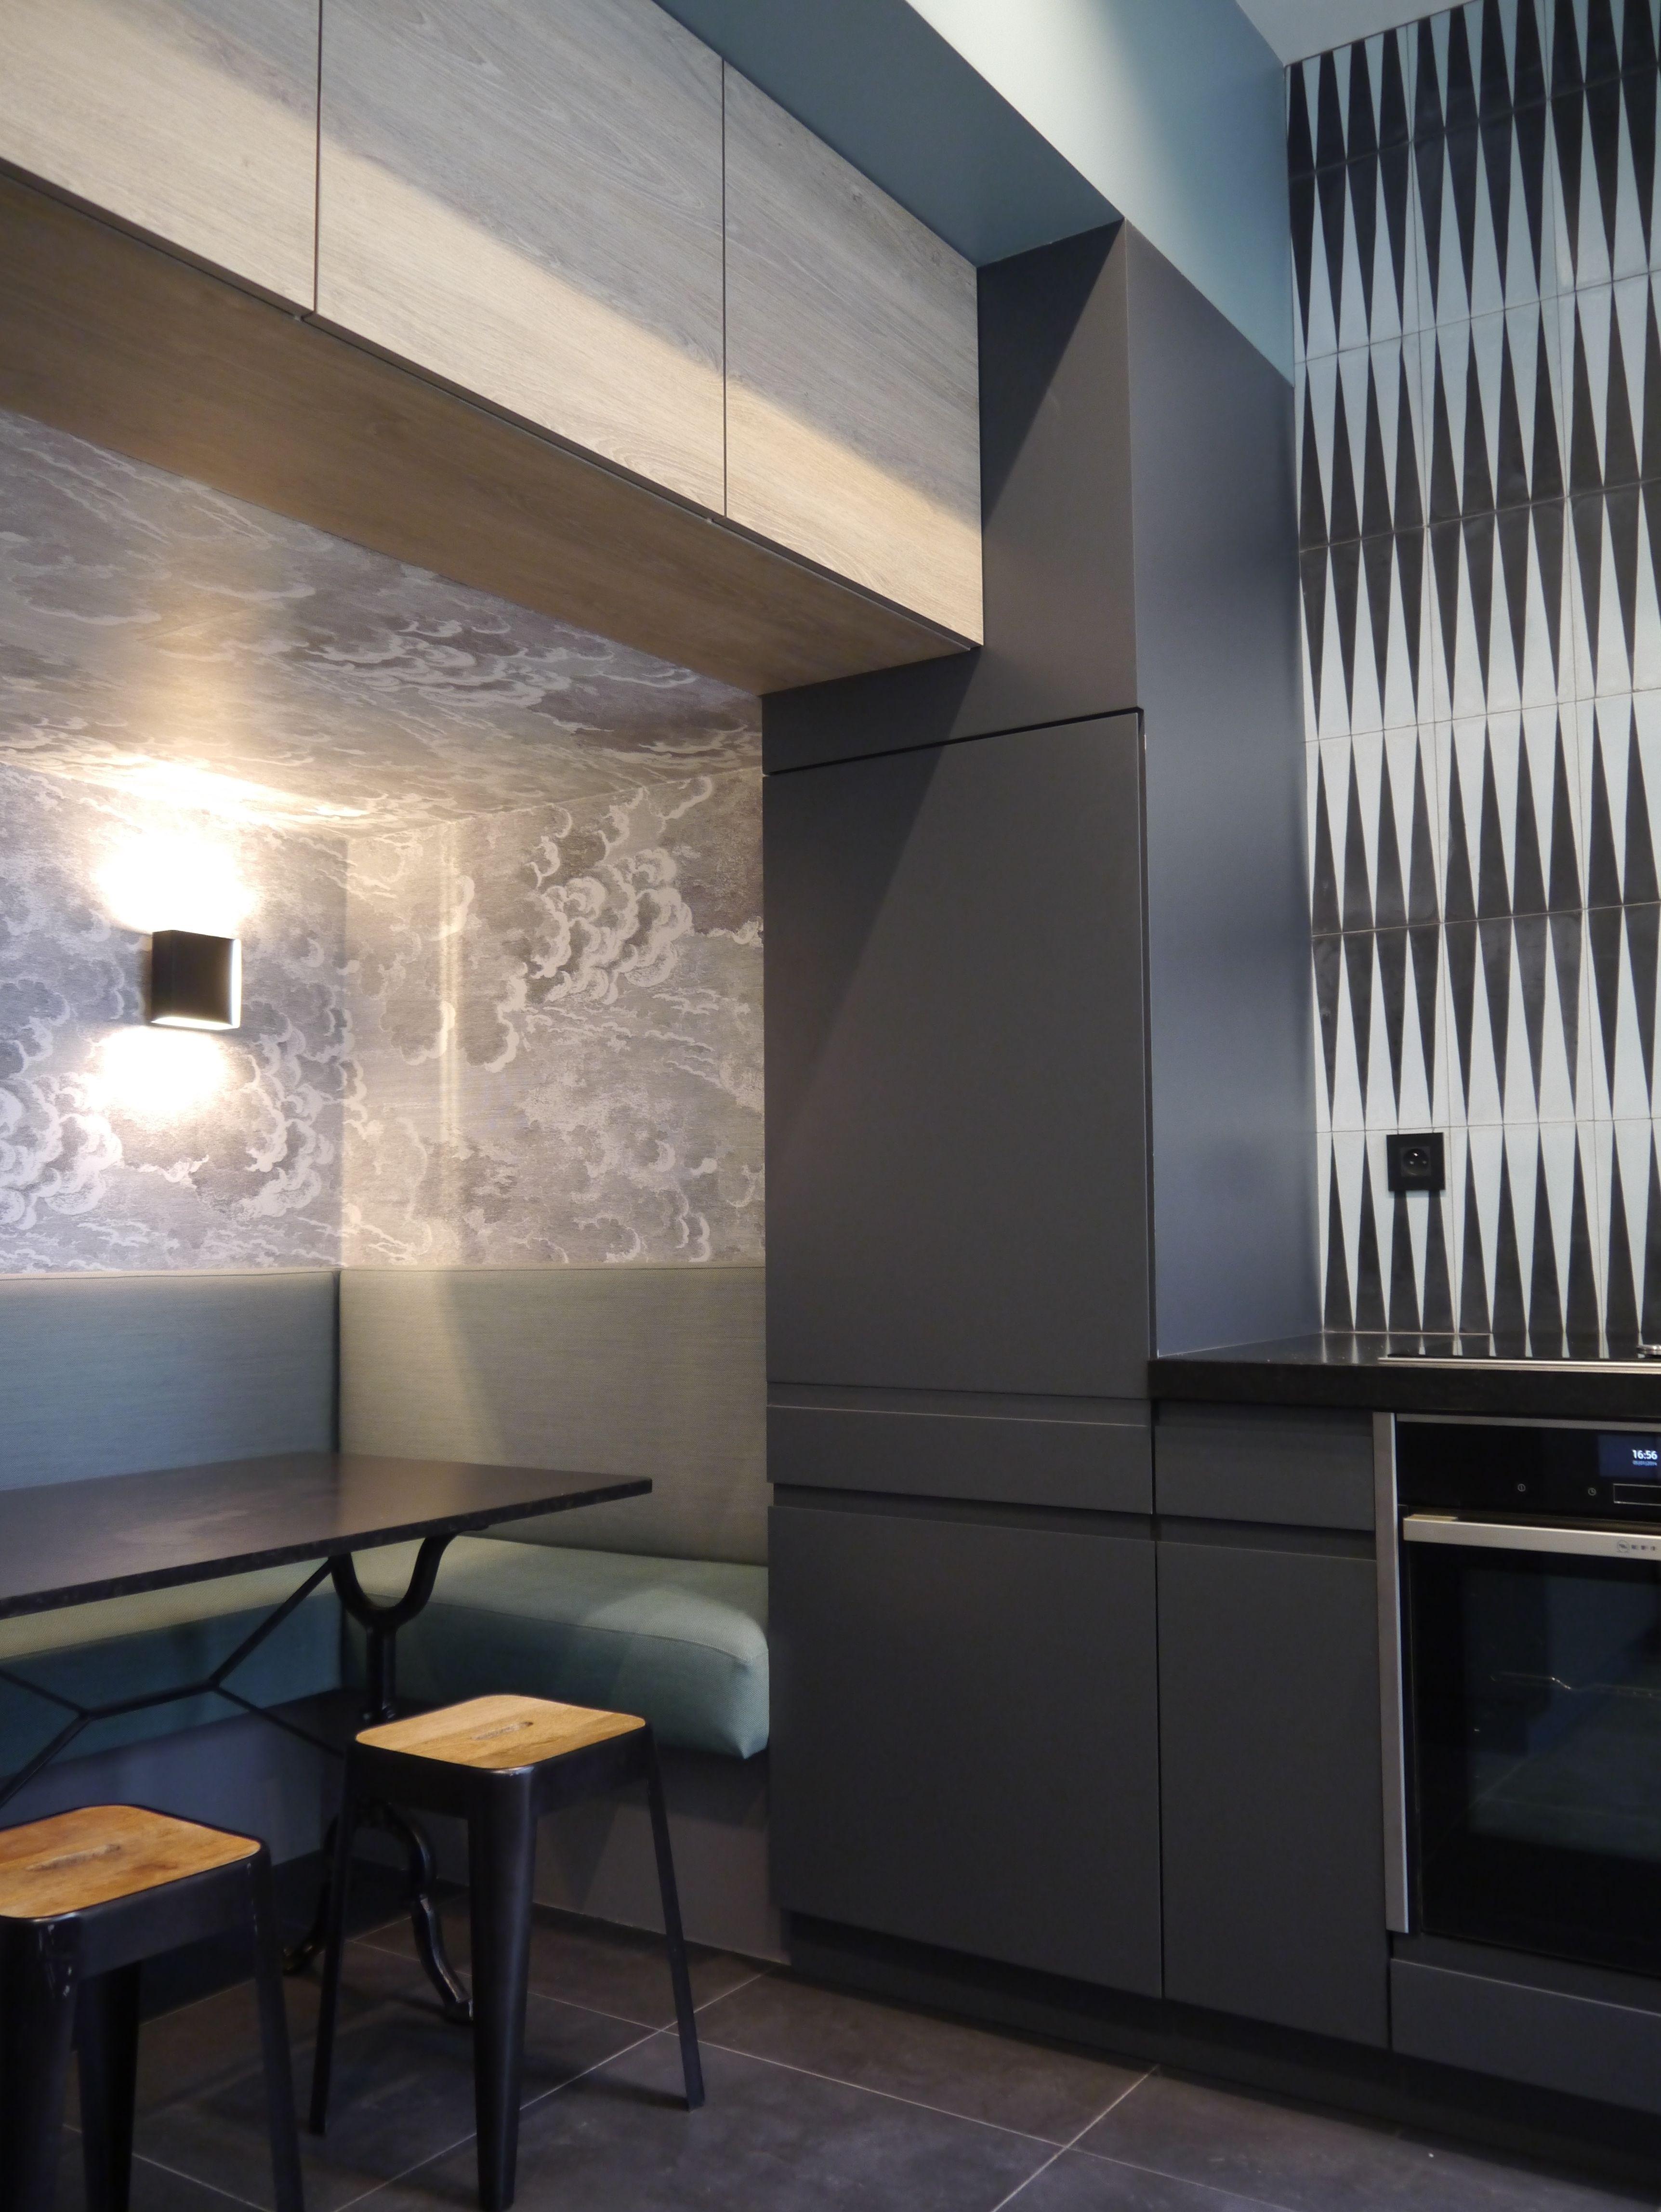 banquette de cuisine tissu kwadrat papier peint nuvolette fornasetti carreaux de ciment. Black Bedroom Furniture Sets. Home Design Ideas